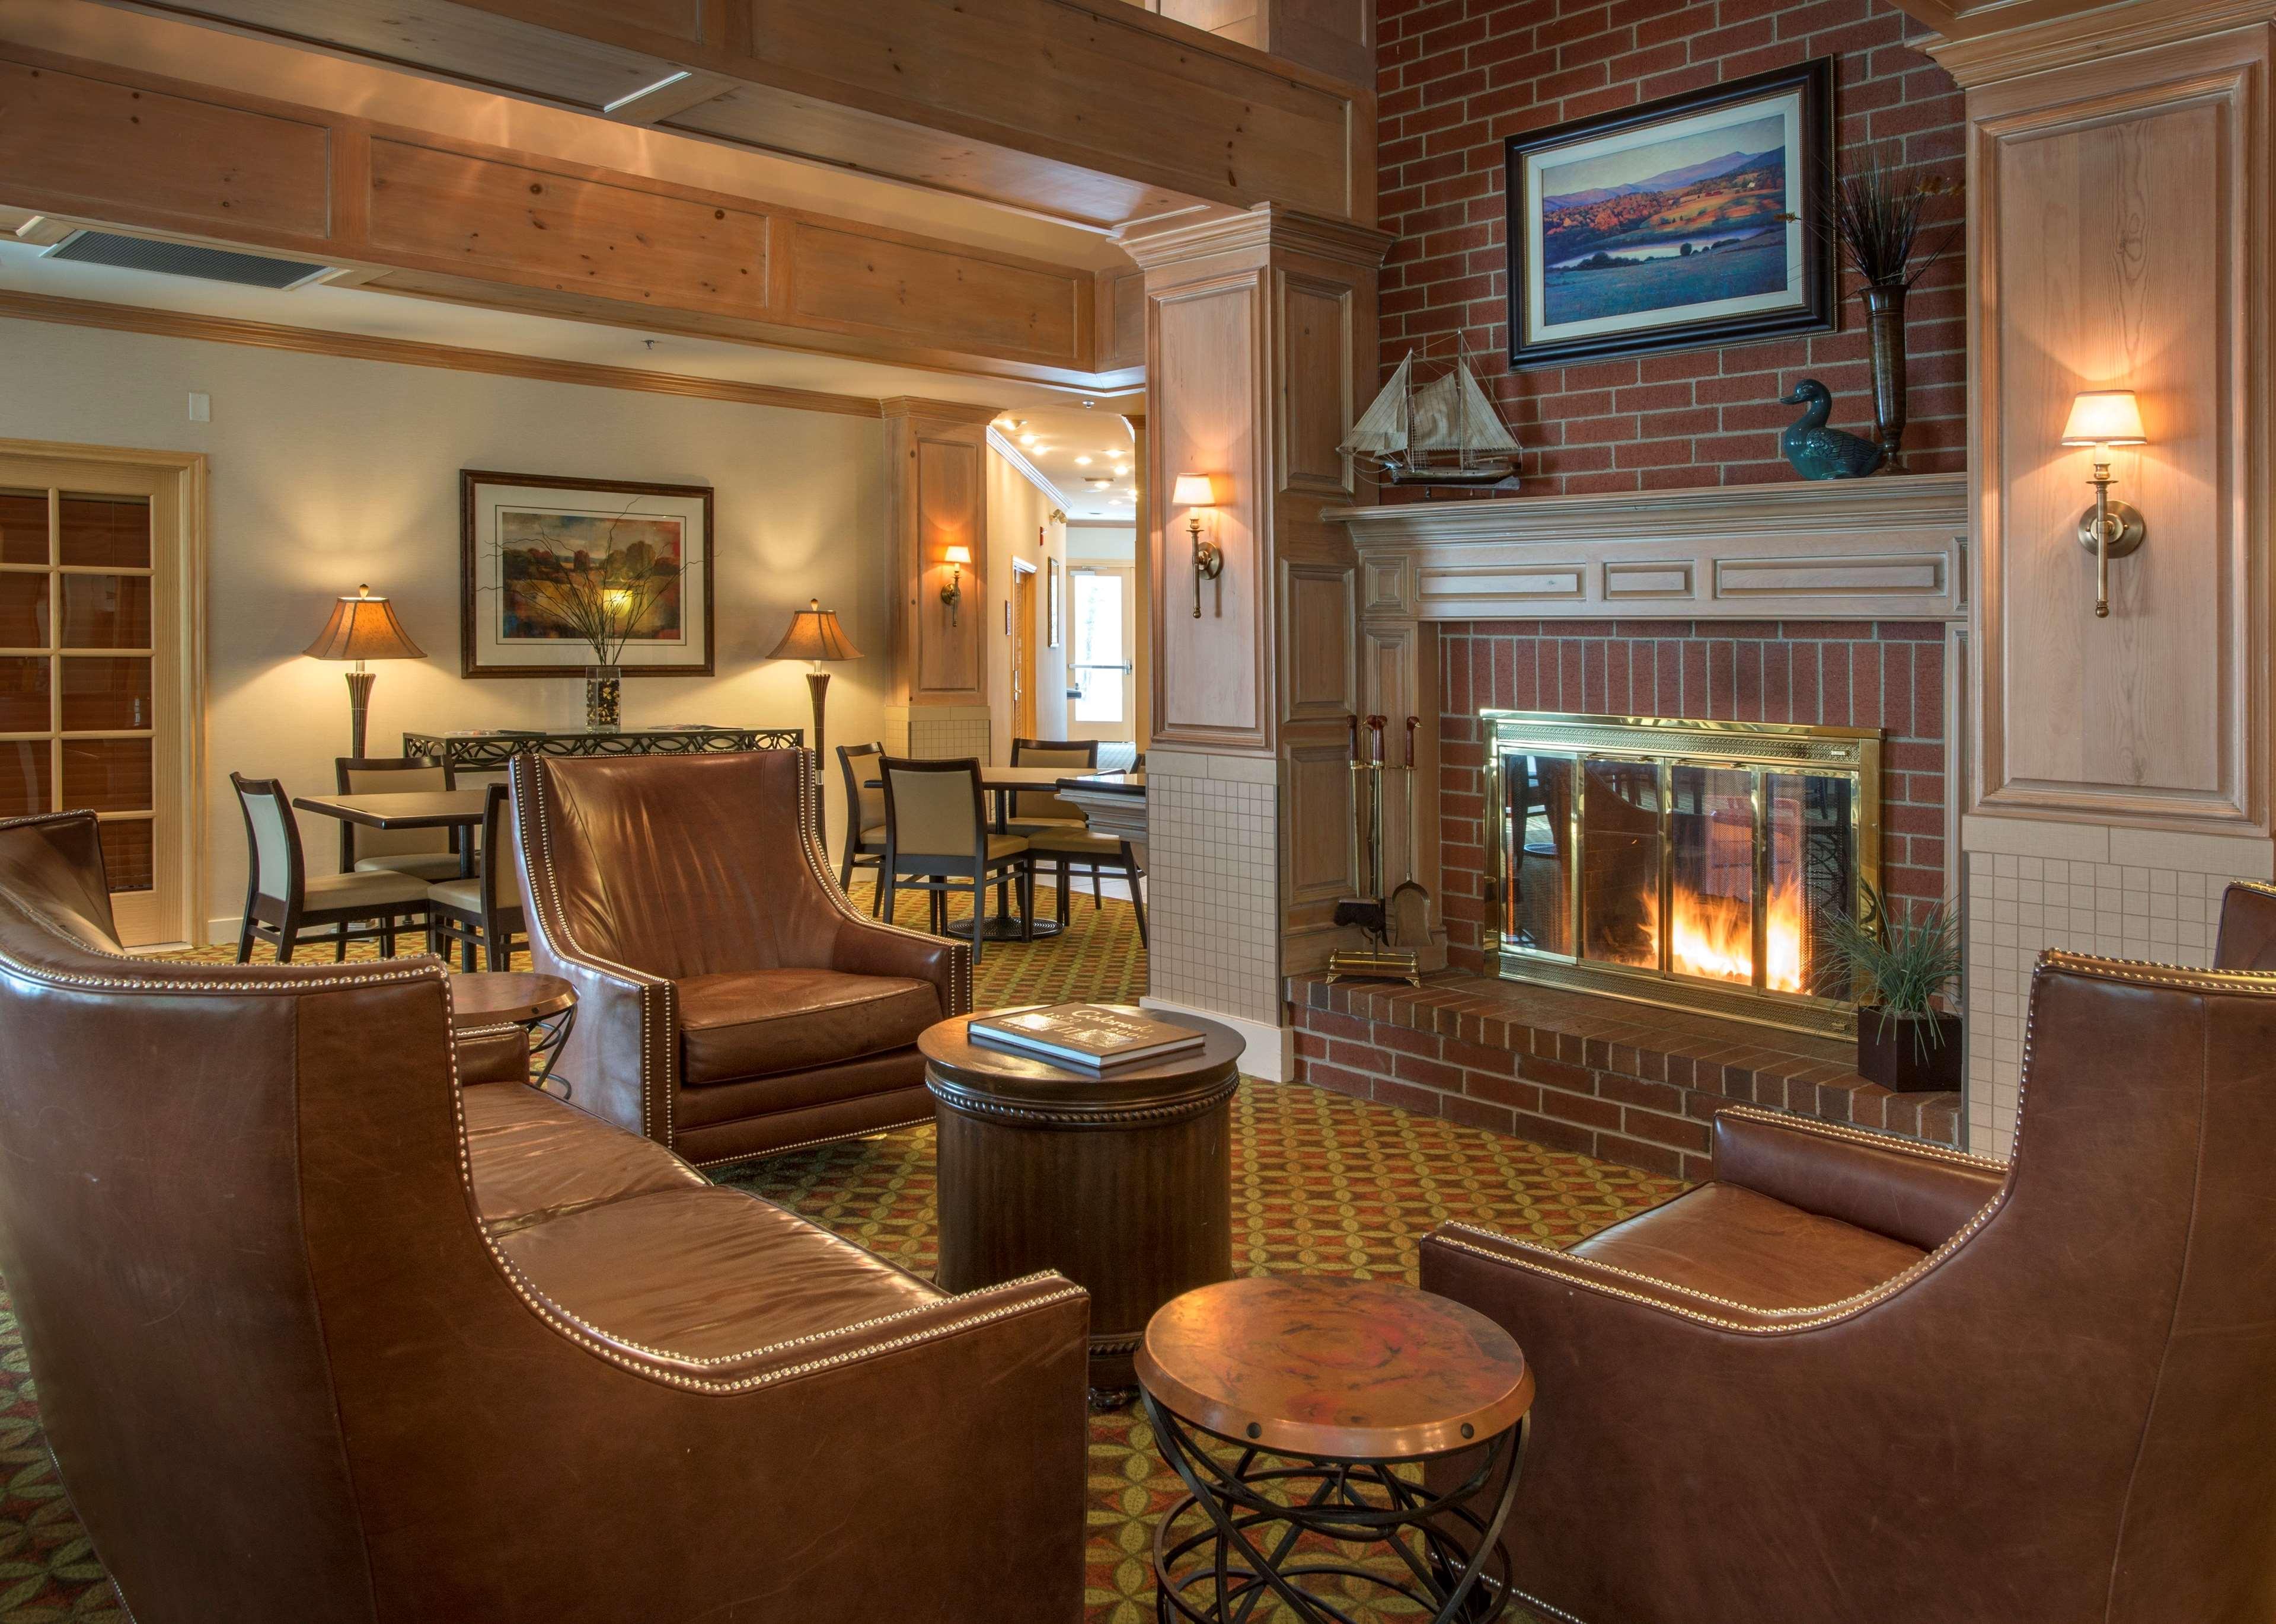 Homewood Suites by Hilton - Boulder image 8